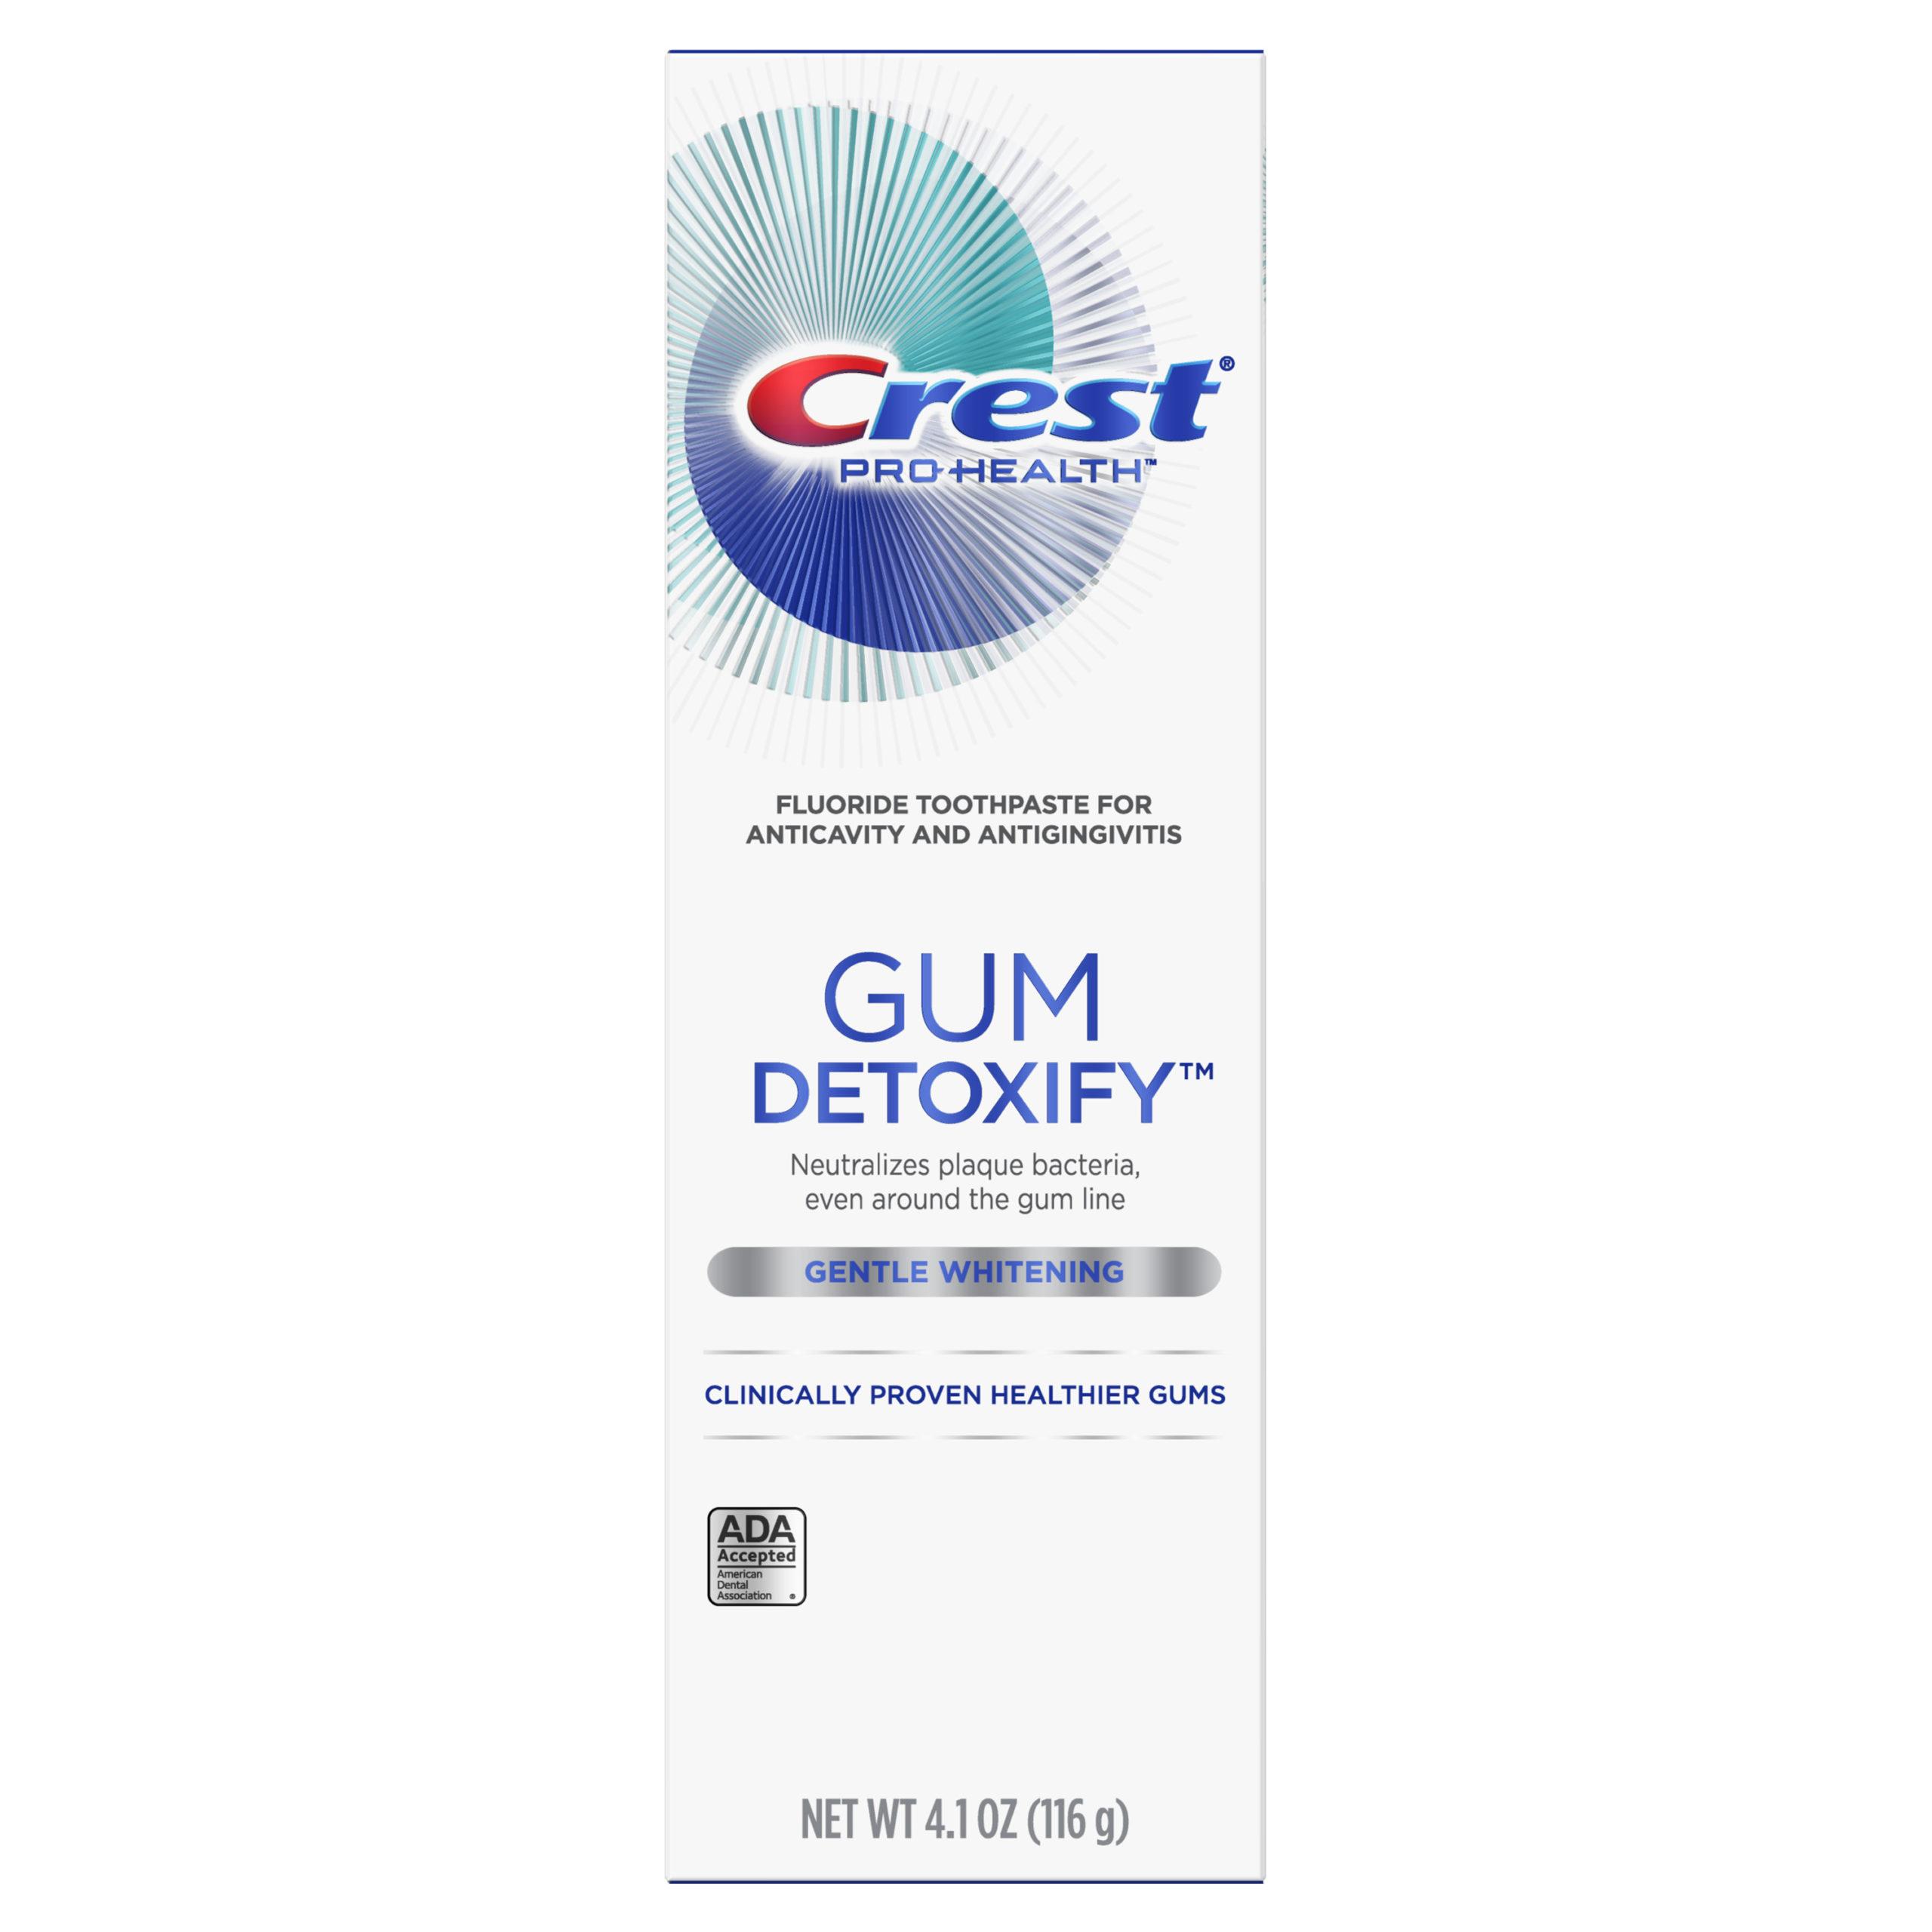 Crest Gum Detoxify Gentle Whitening